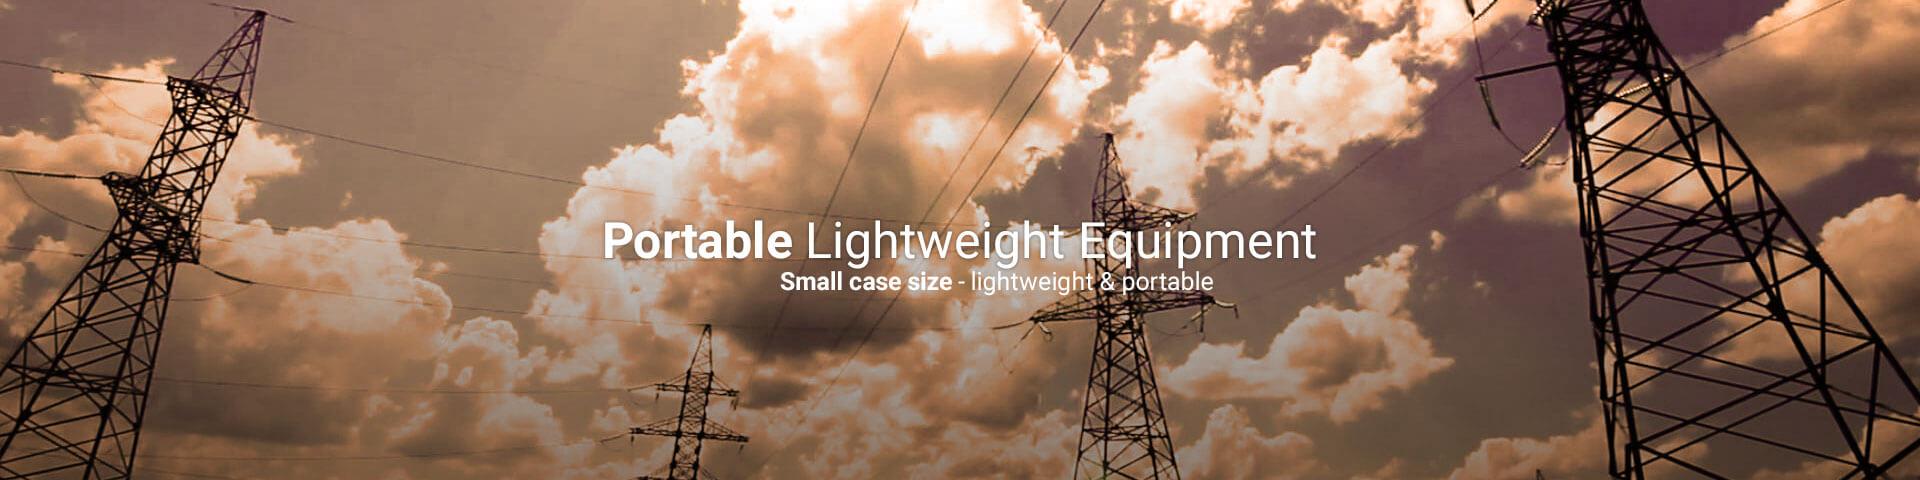 portable-lightweight-equipment